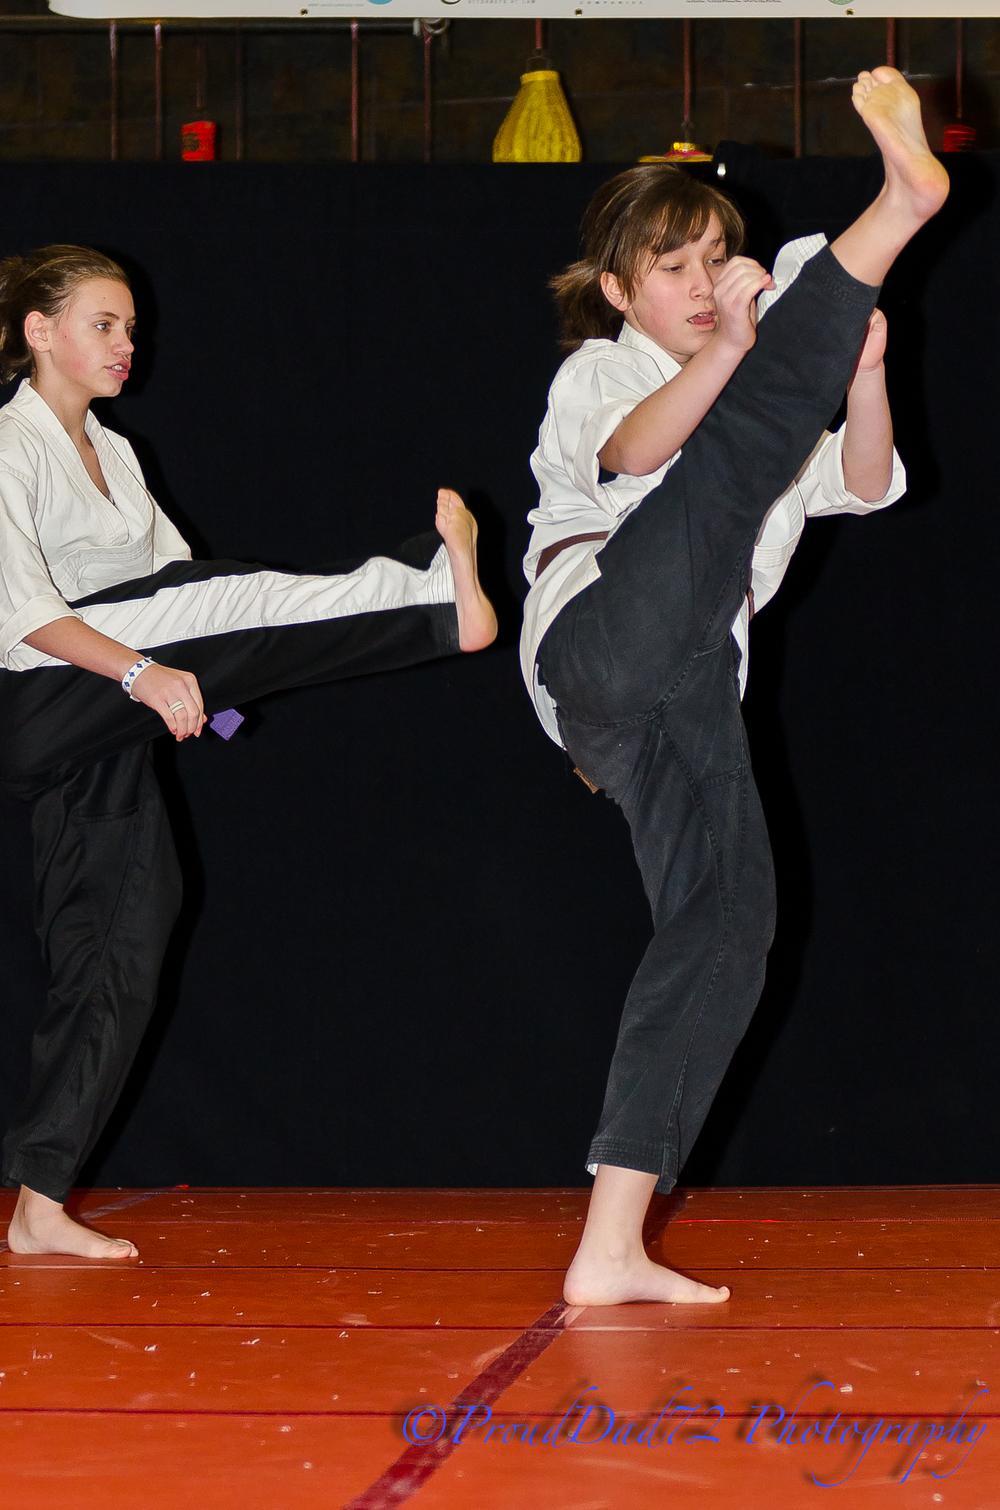 karate1-21-2012-6.jpg